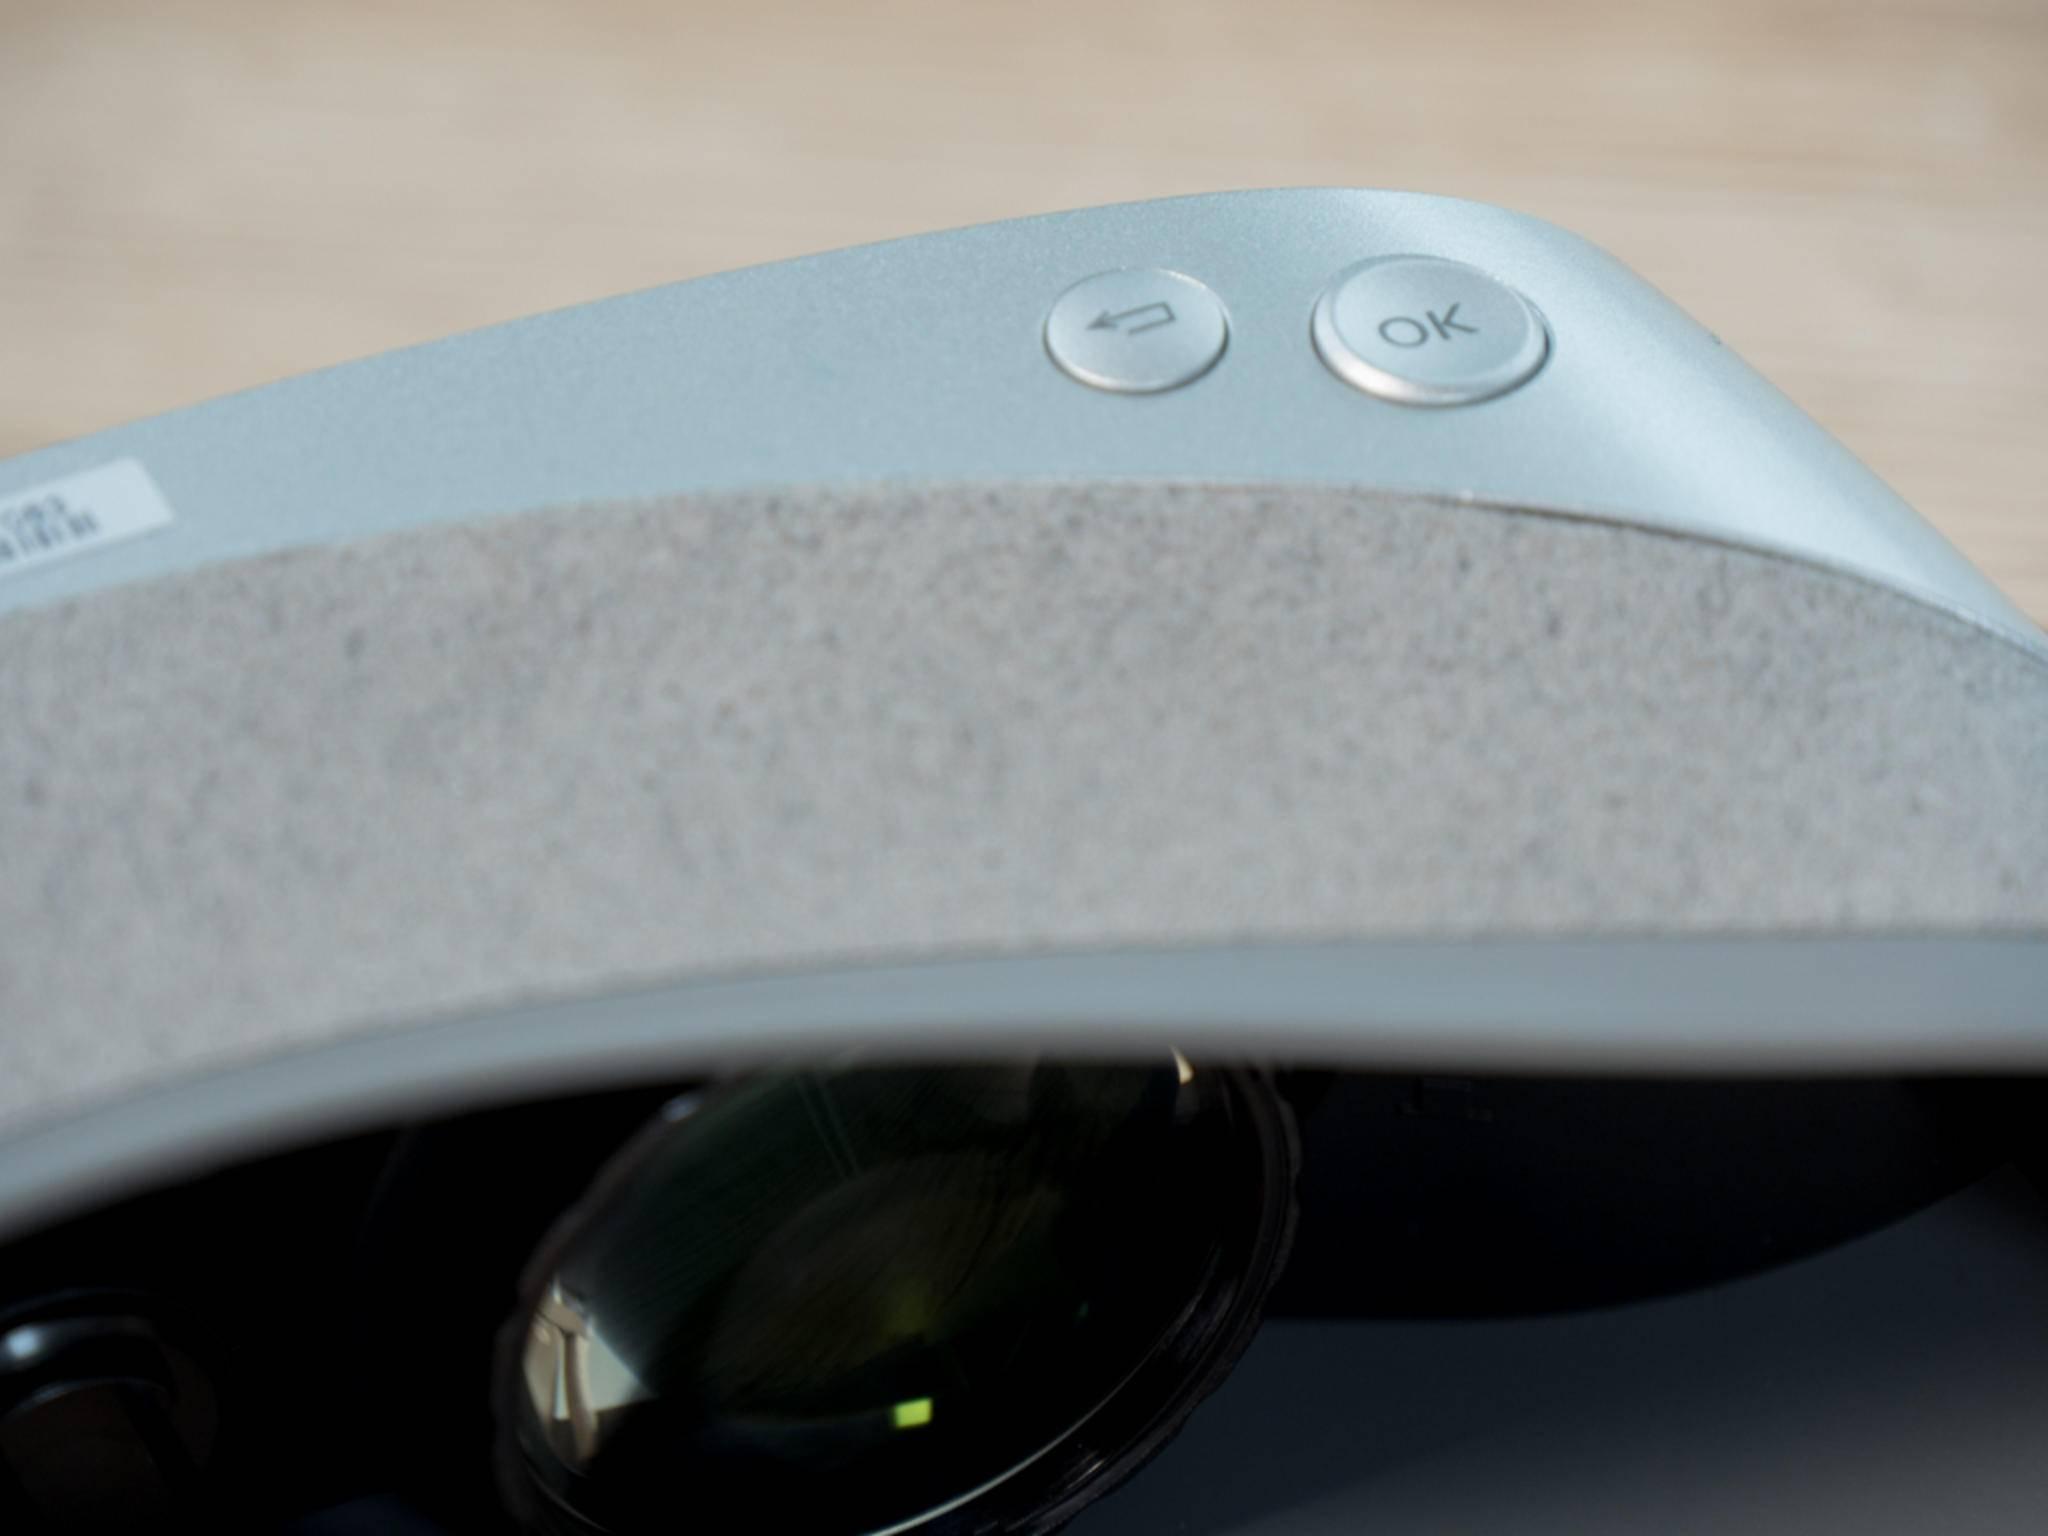 Mit dem Display des LG G5 oder zwei Knöpfen auf der Brille orientiert man sich in den VR-Menüs.